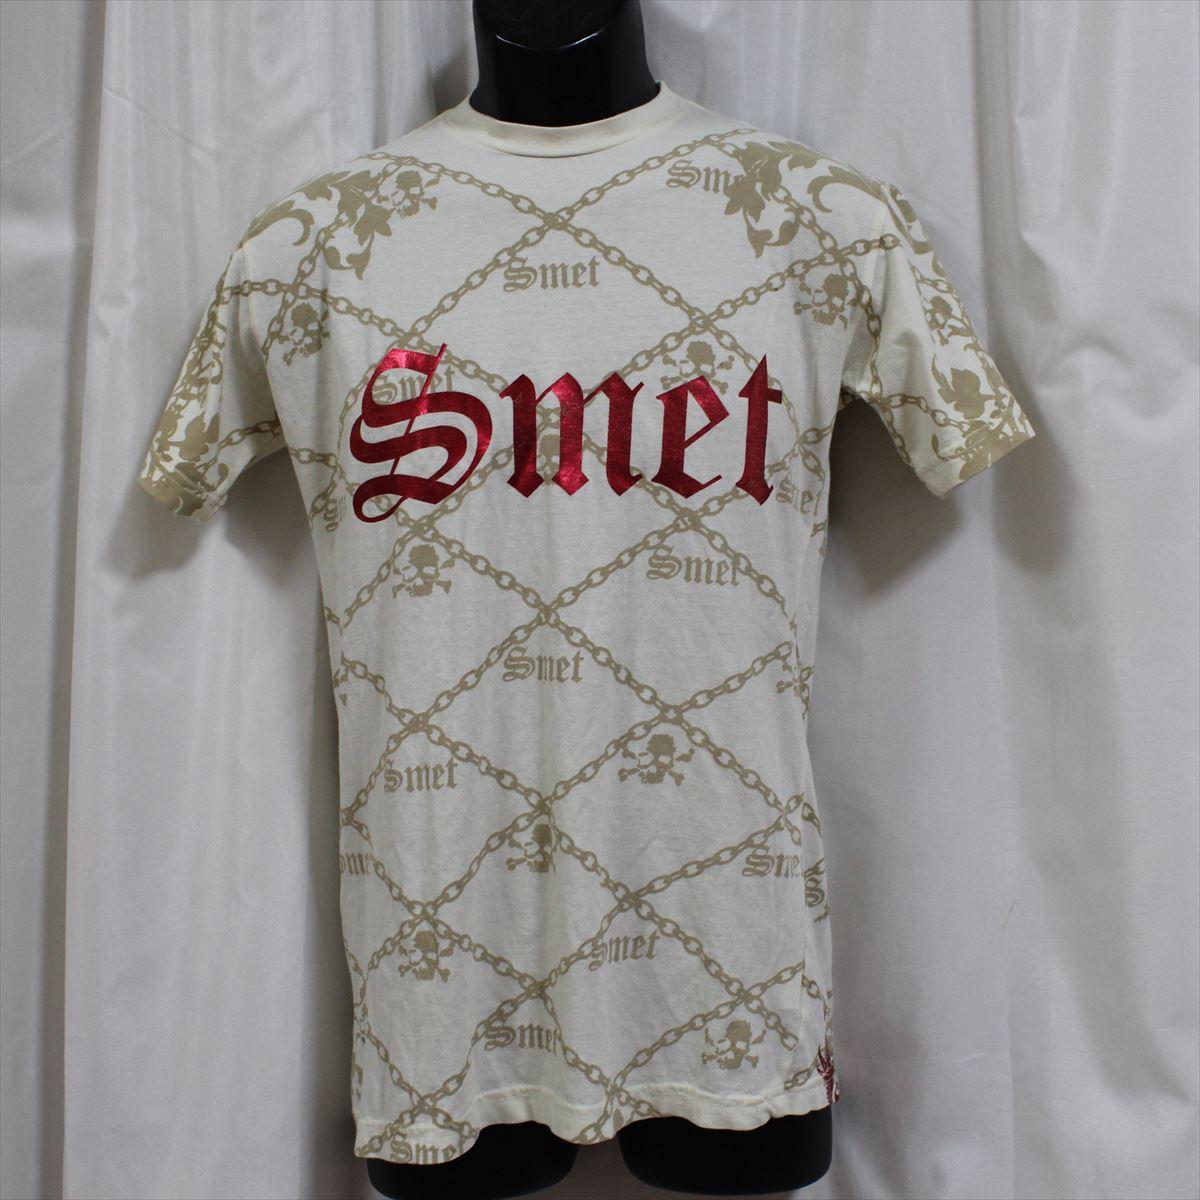 スメット SMET メンズ半袖Tシャツ アイボリー 新品 スカル/ドラゴン